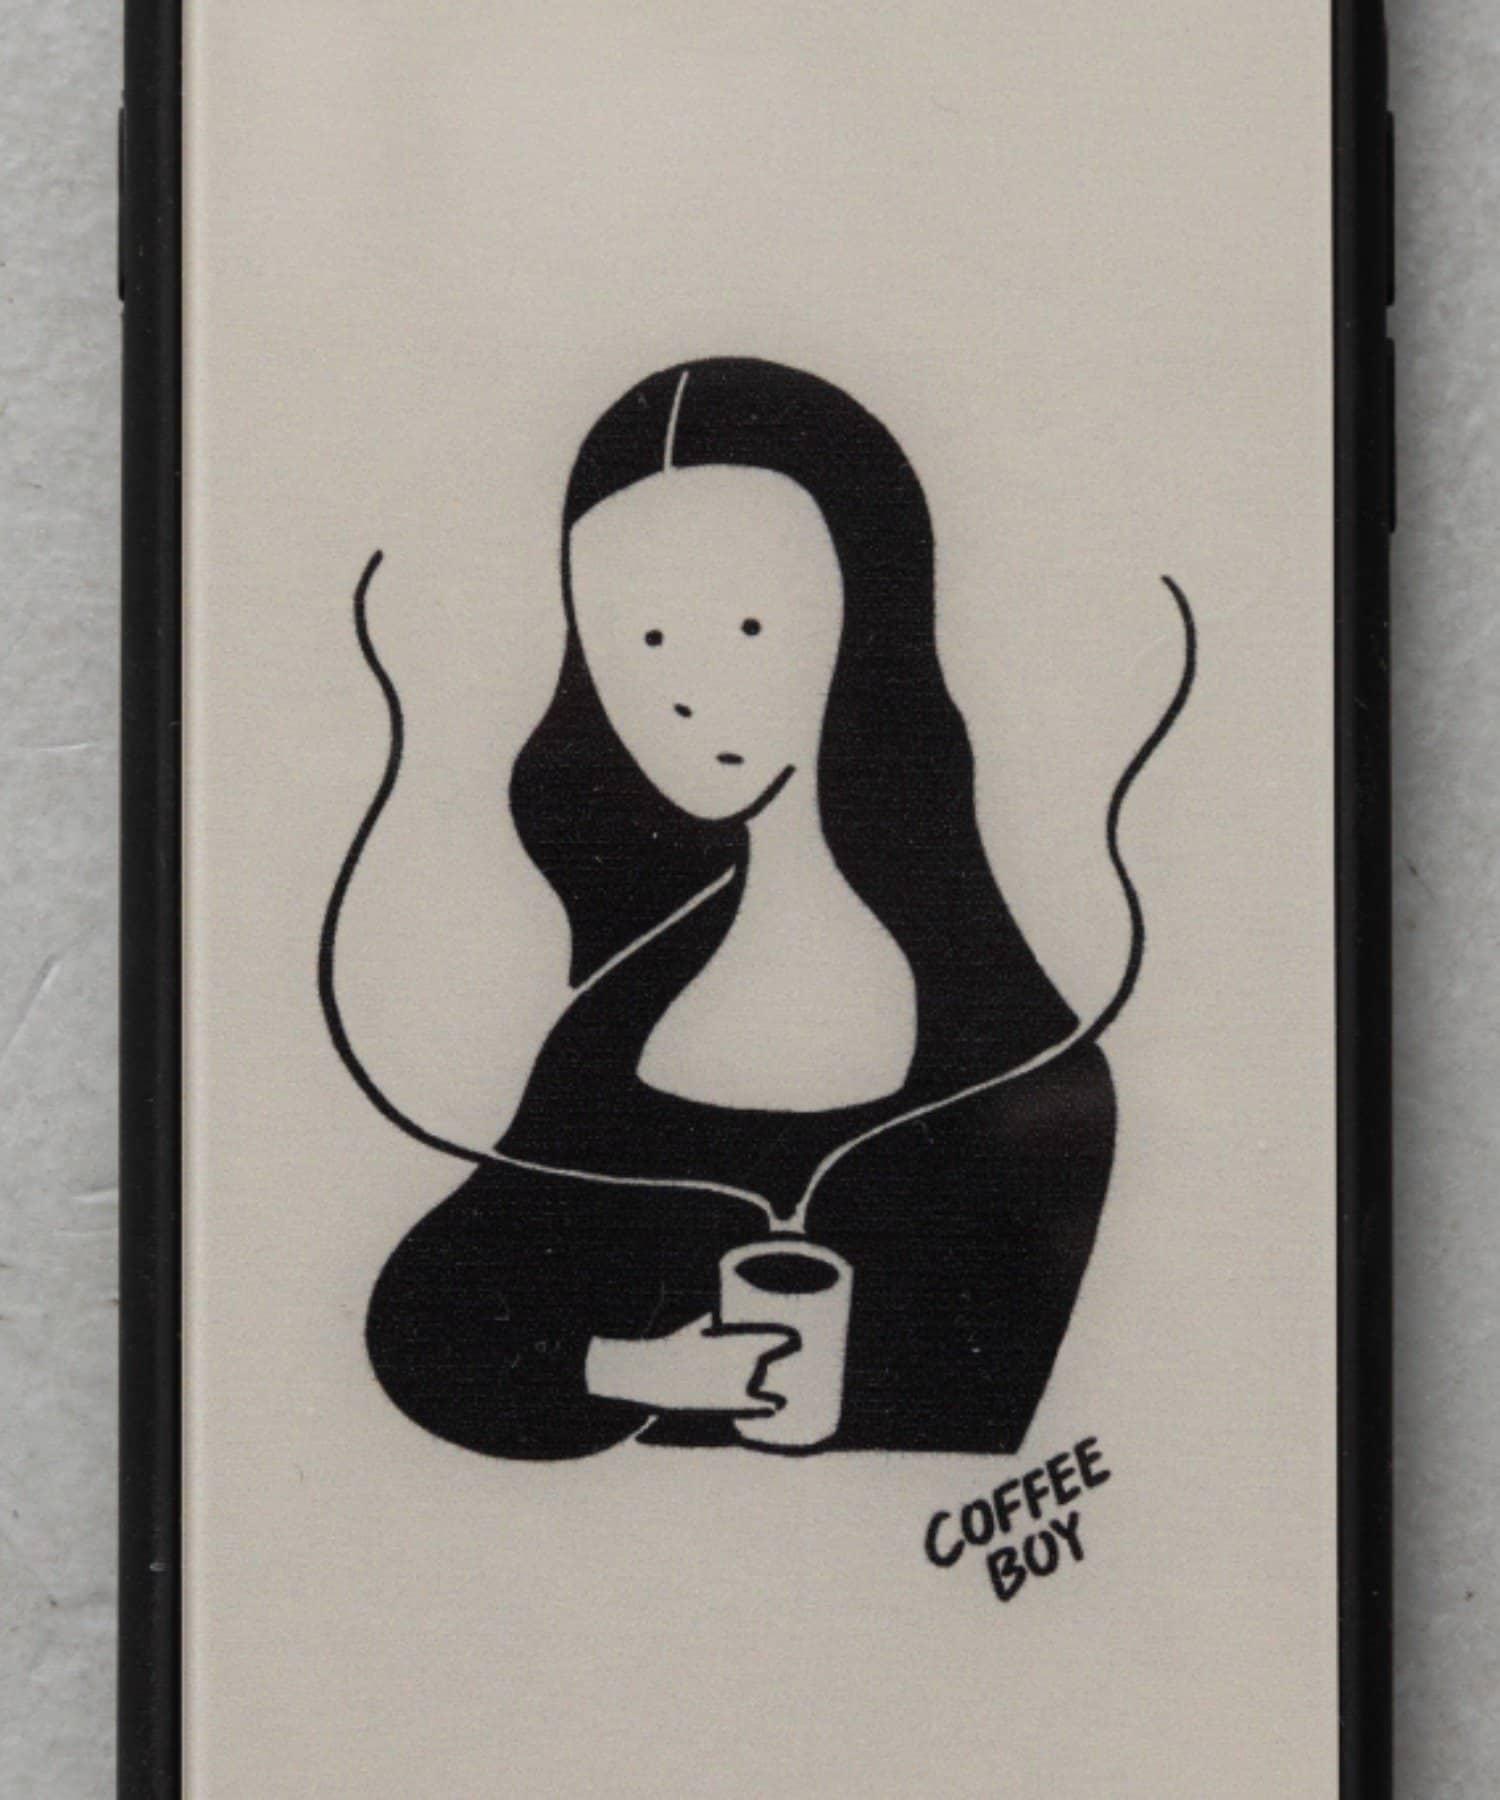 BIRTHDAY BAR(バースデイバー) レディース 【受注予約】COFFEE BOY iPhoneケース その他2